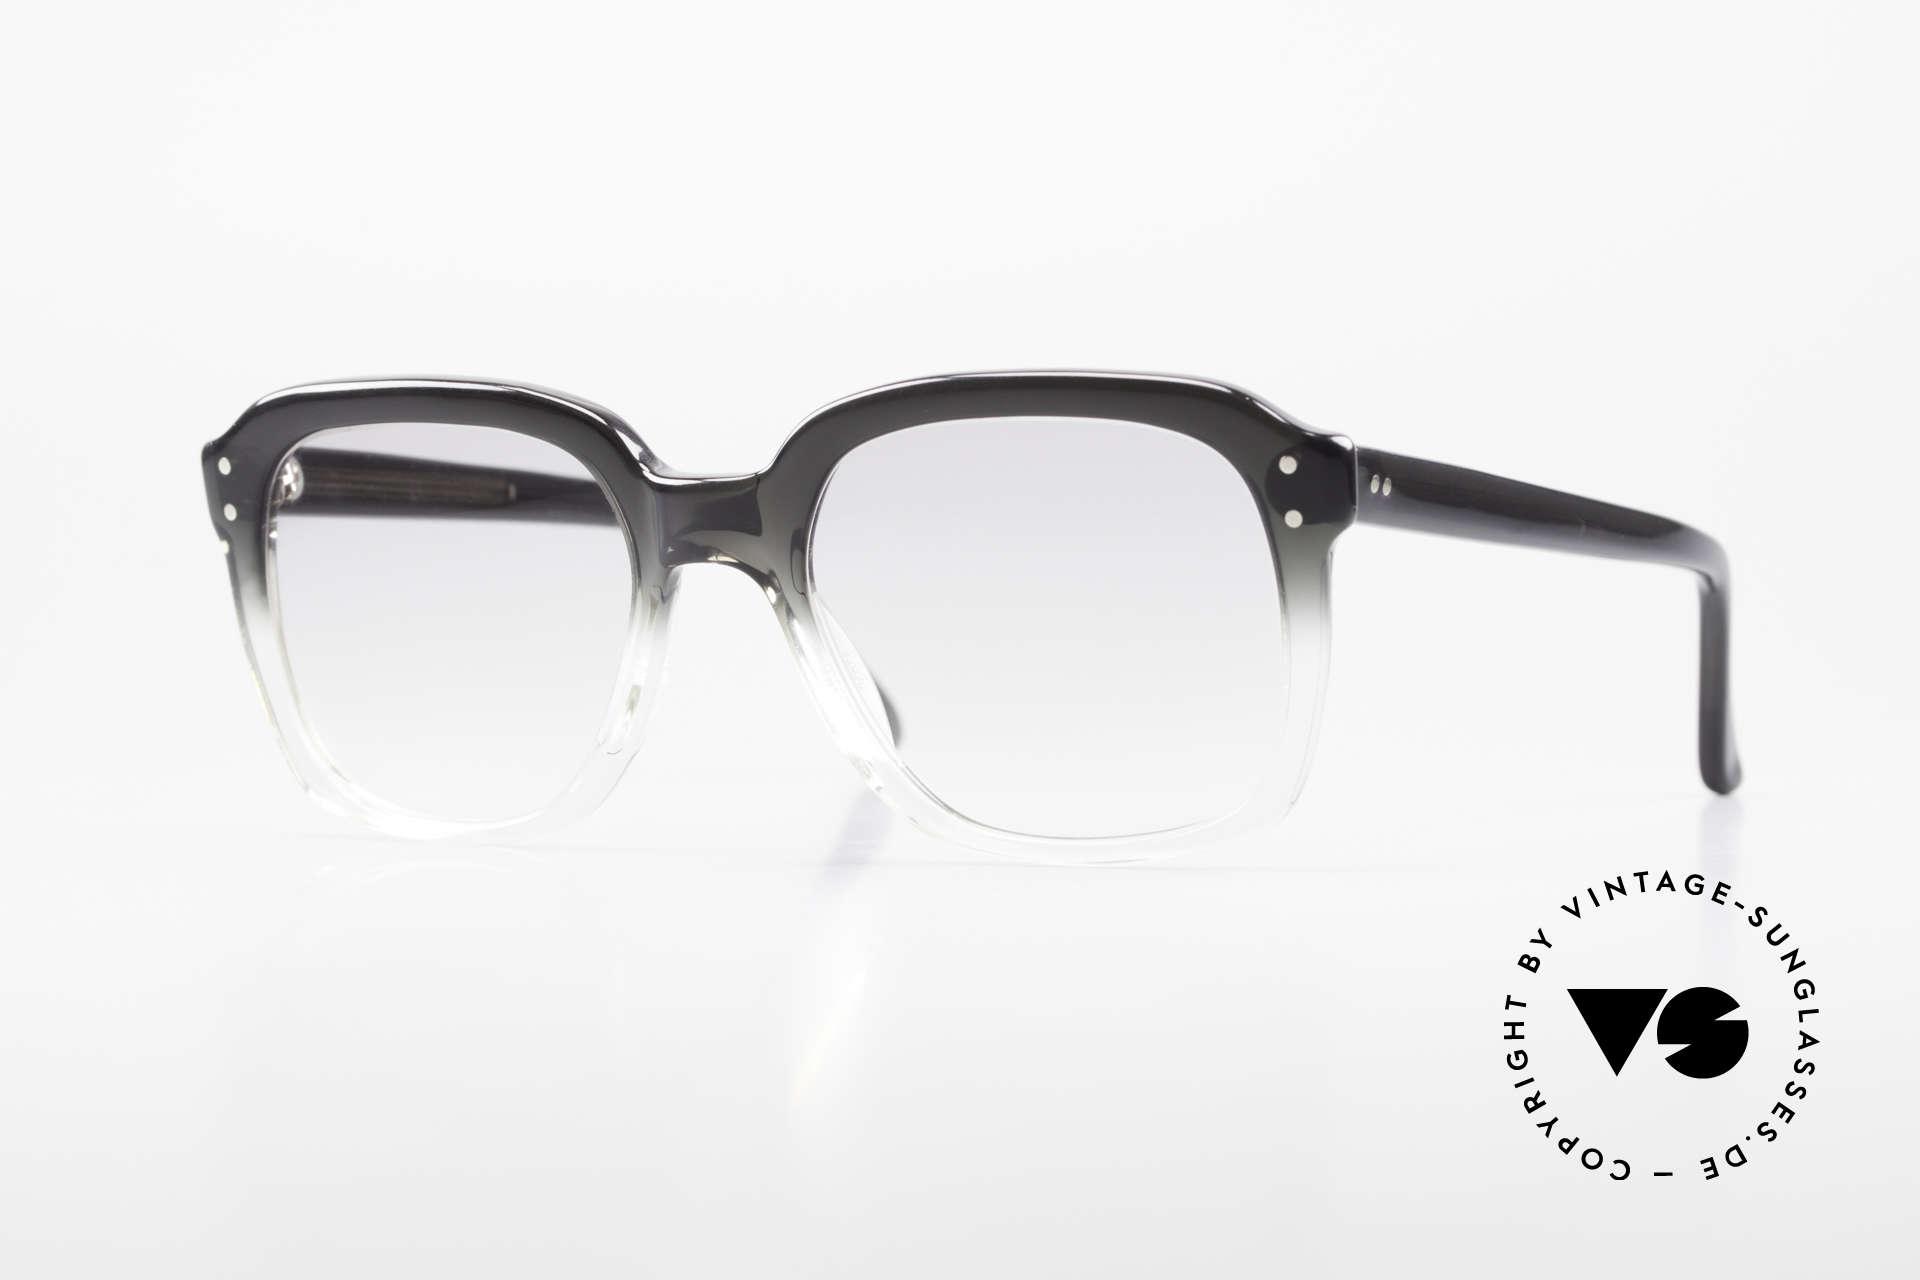 Metzler 449 1970's Original Nerd Glasses, old original Metzler eyeglass-frame from the 70's/80's, Made for Men